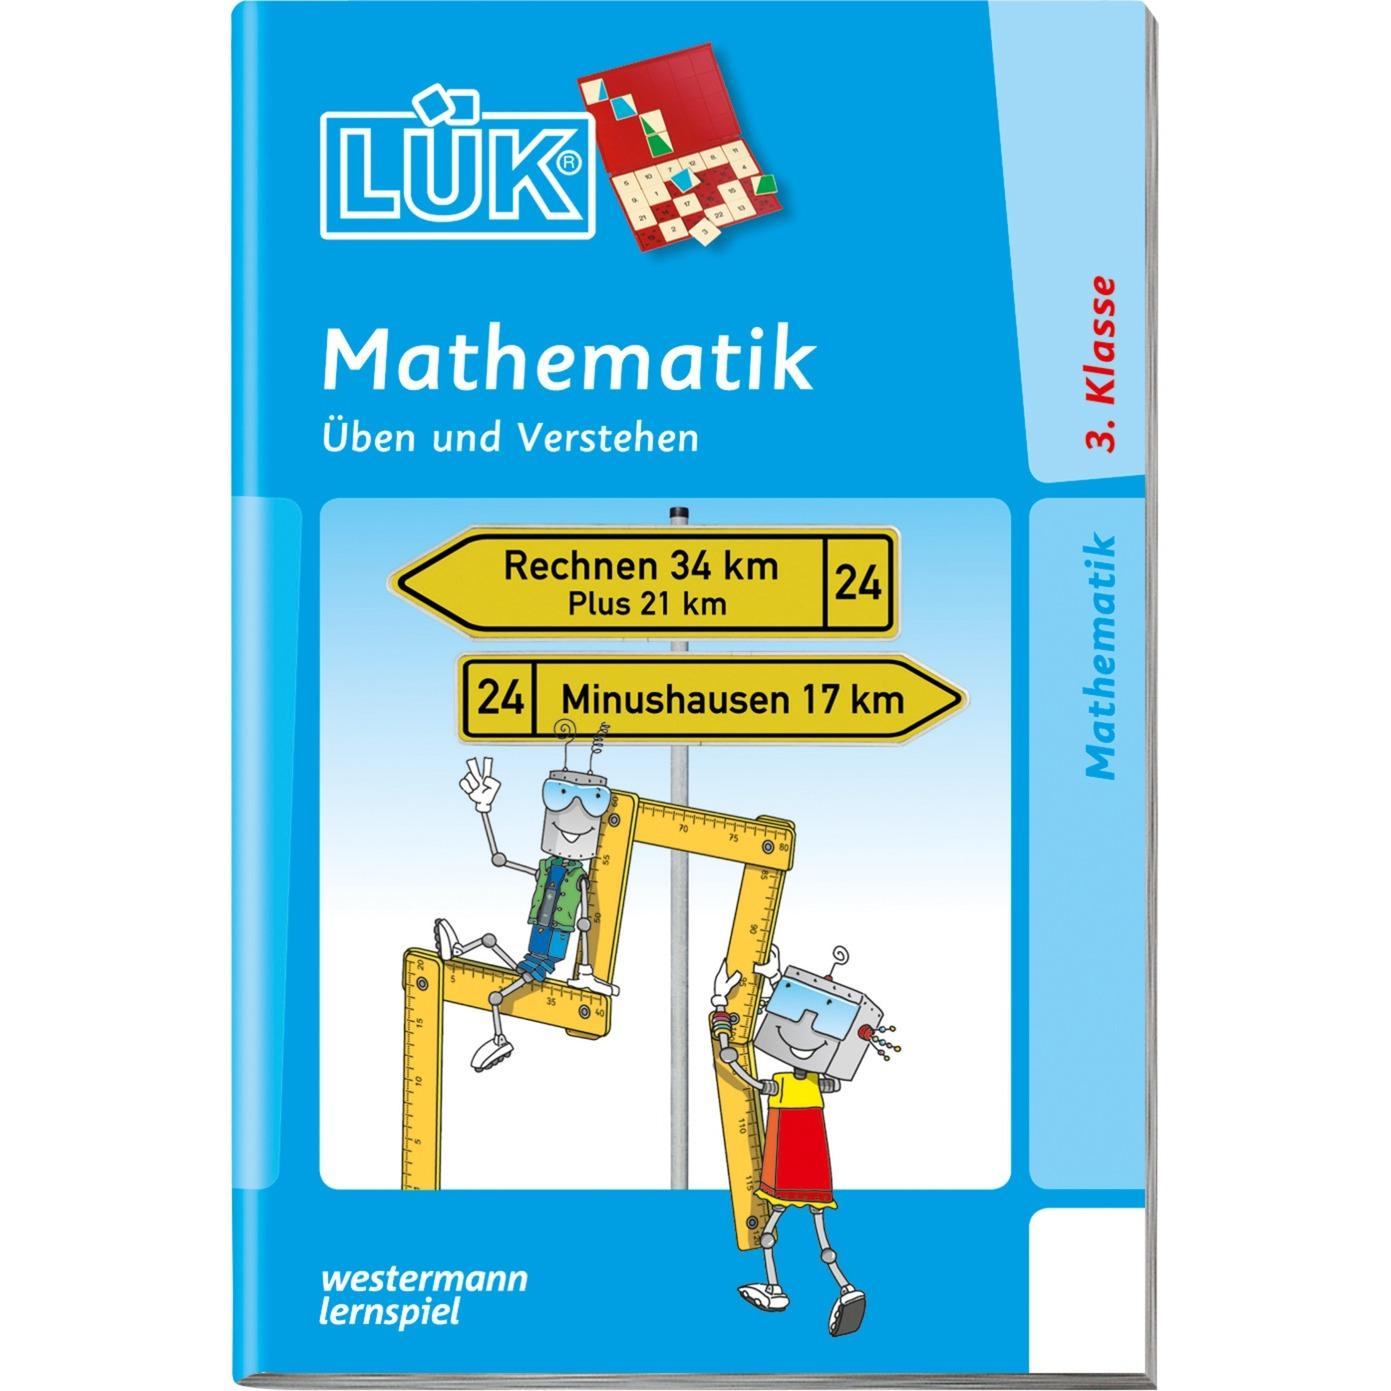 mathematik-3-klasse-ueben-und-verstehen-bornebog-bog-til-indlaring-skolebog